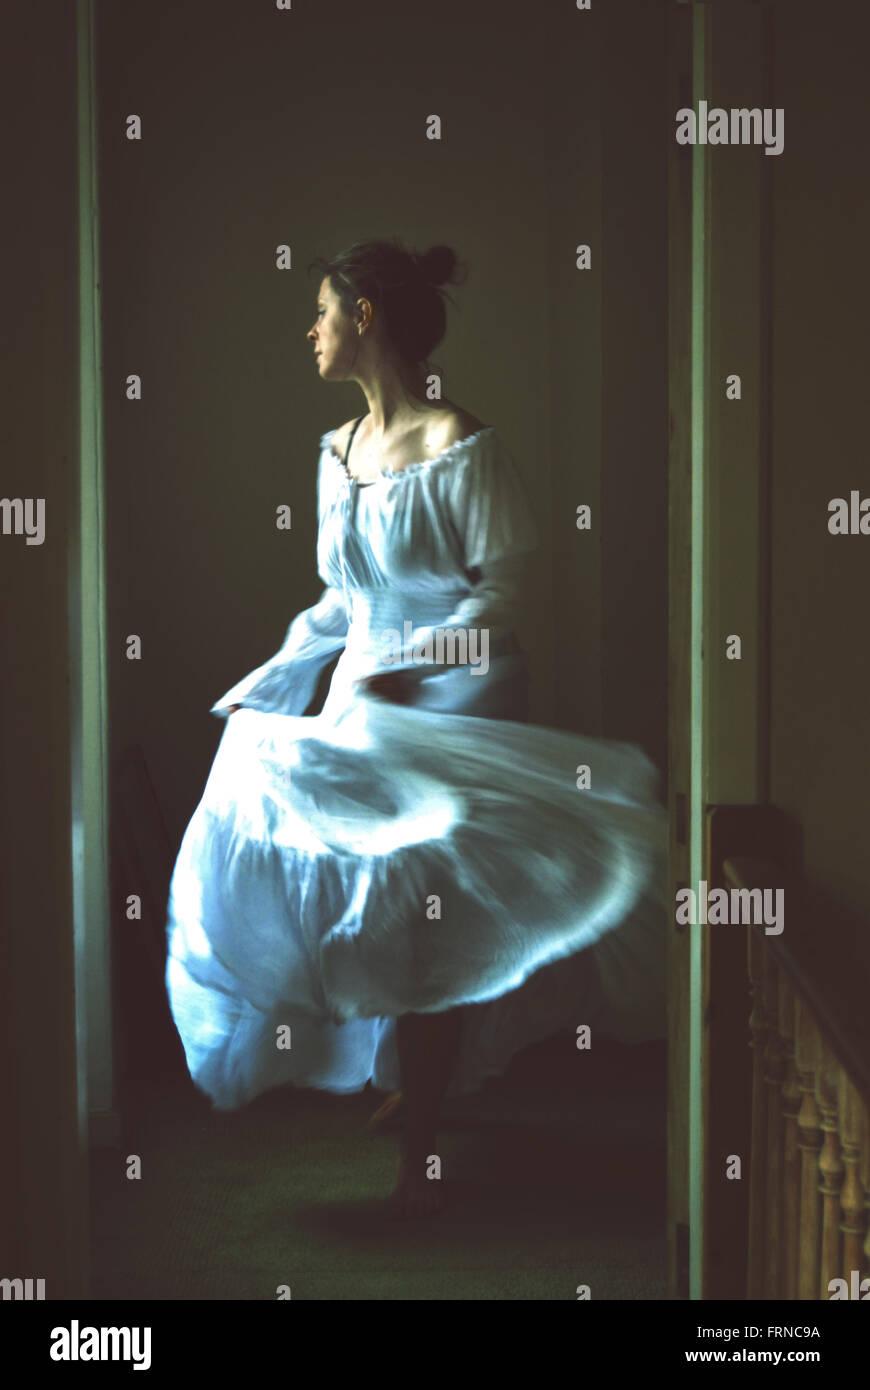 Mujer joven bailando en una vieja casa vestidas de blanco vestidos románticos largos Imagen De Stock